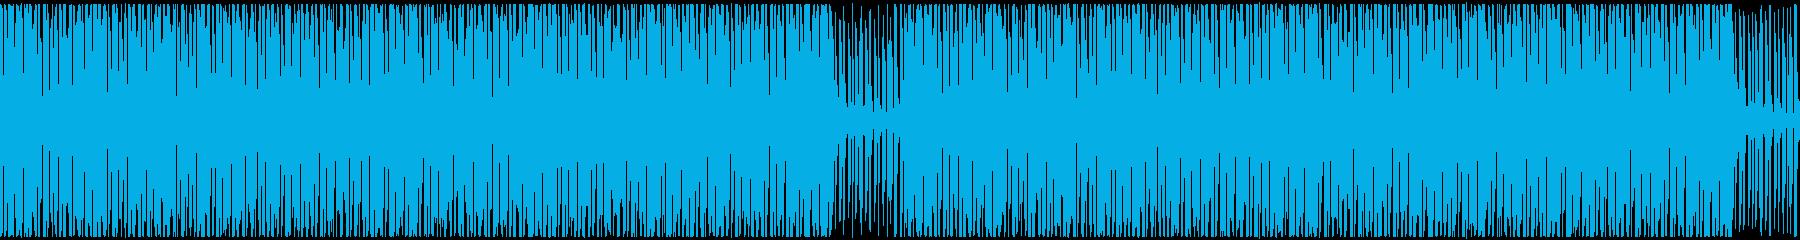 【ループ】ウキウキ気分☆ポップロックの再生済みの波形